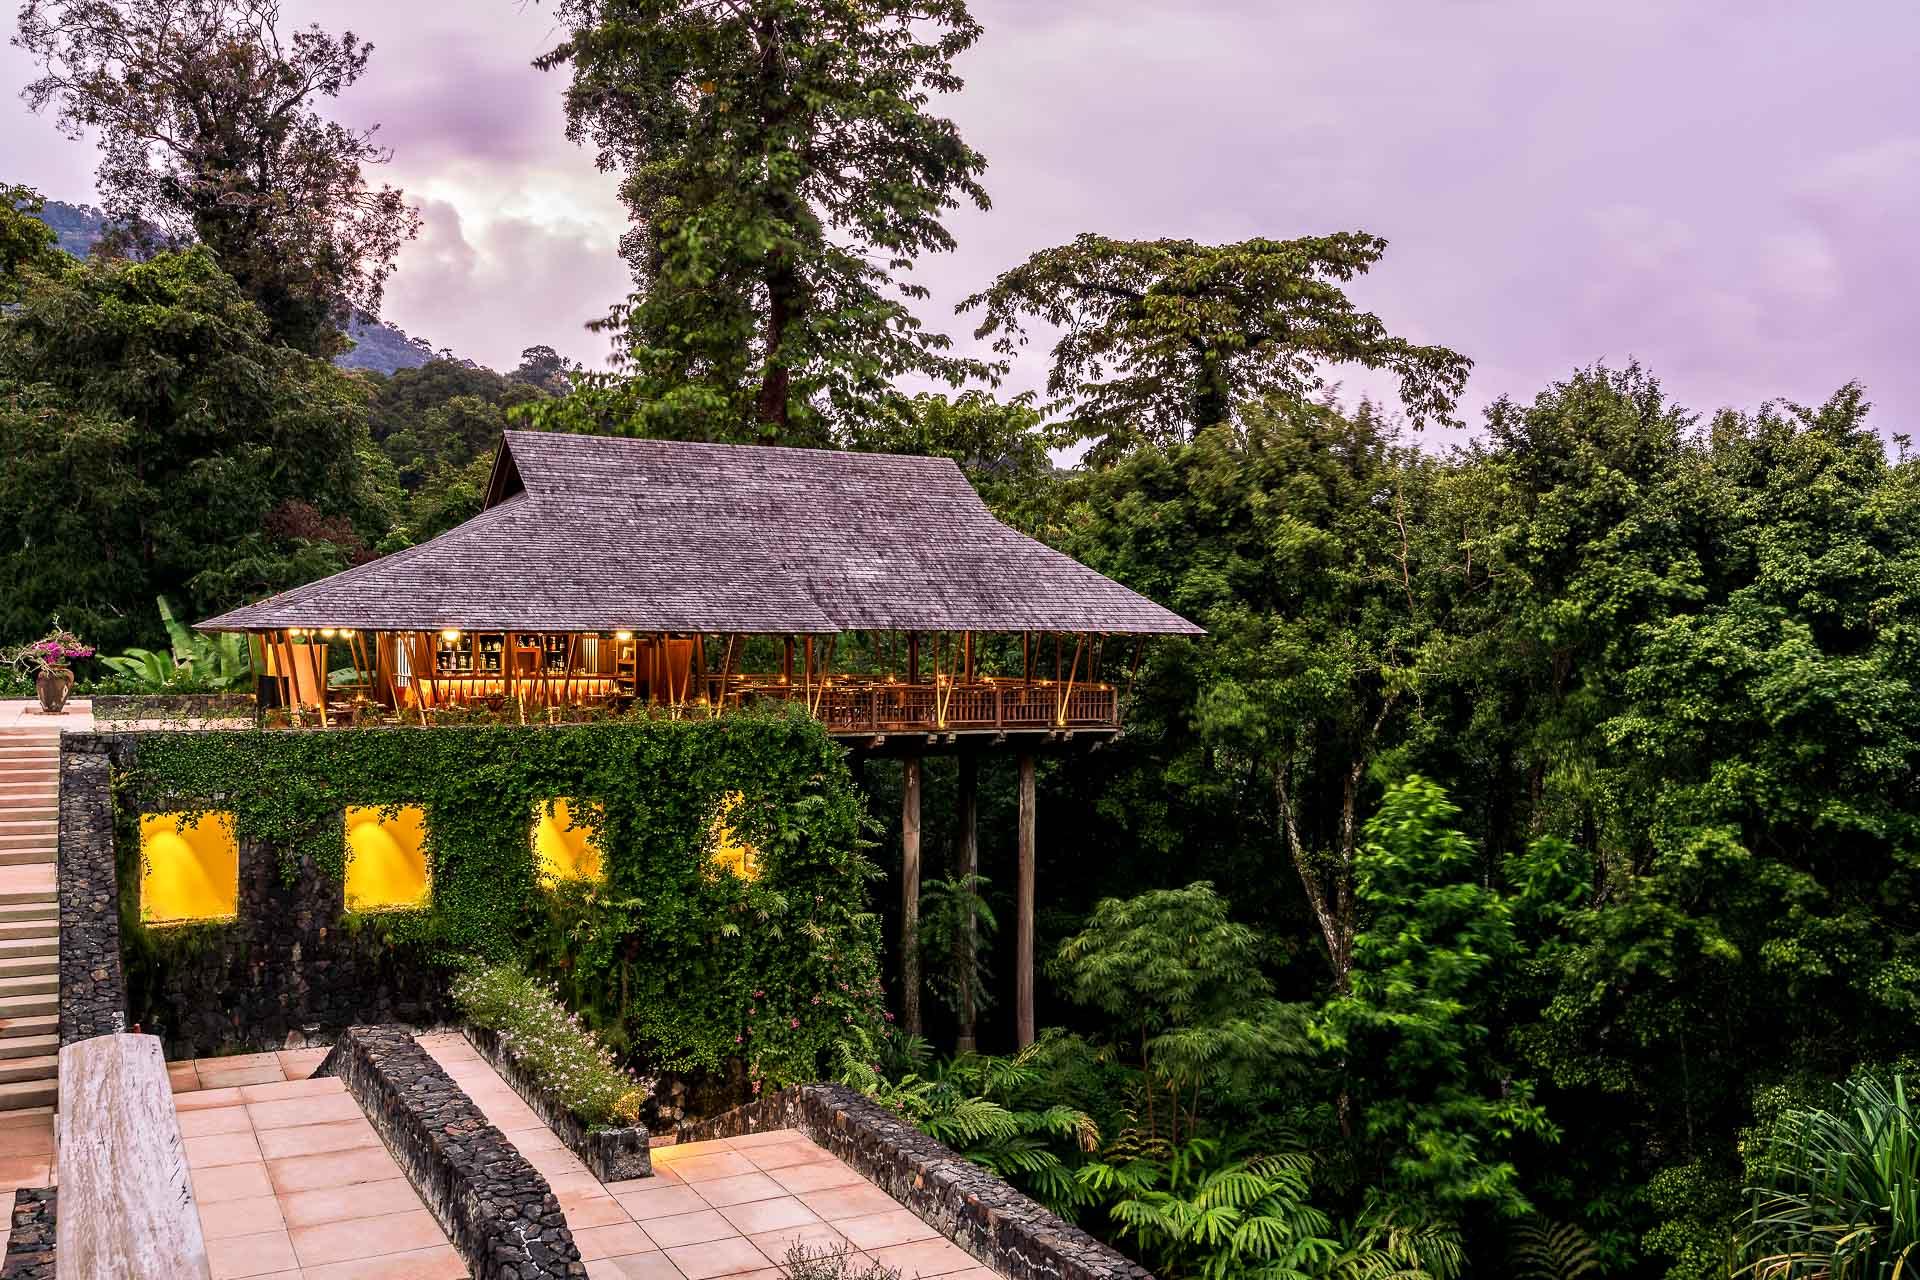 C'est au milieu de la jungle tropicale, sur l'île de Langkawi en Malaisie, que The Datai, pionnier du luxe exclusif et durable, rouvre ses portes. L'hôtel accueille ses nouveaux hôtes pour une expérience toujours plus haut de gamme, dans un cadre extraordinaire.